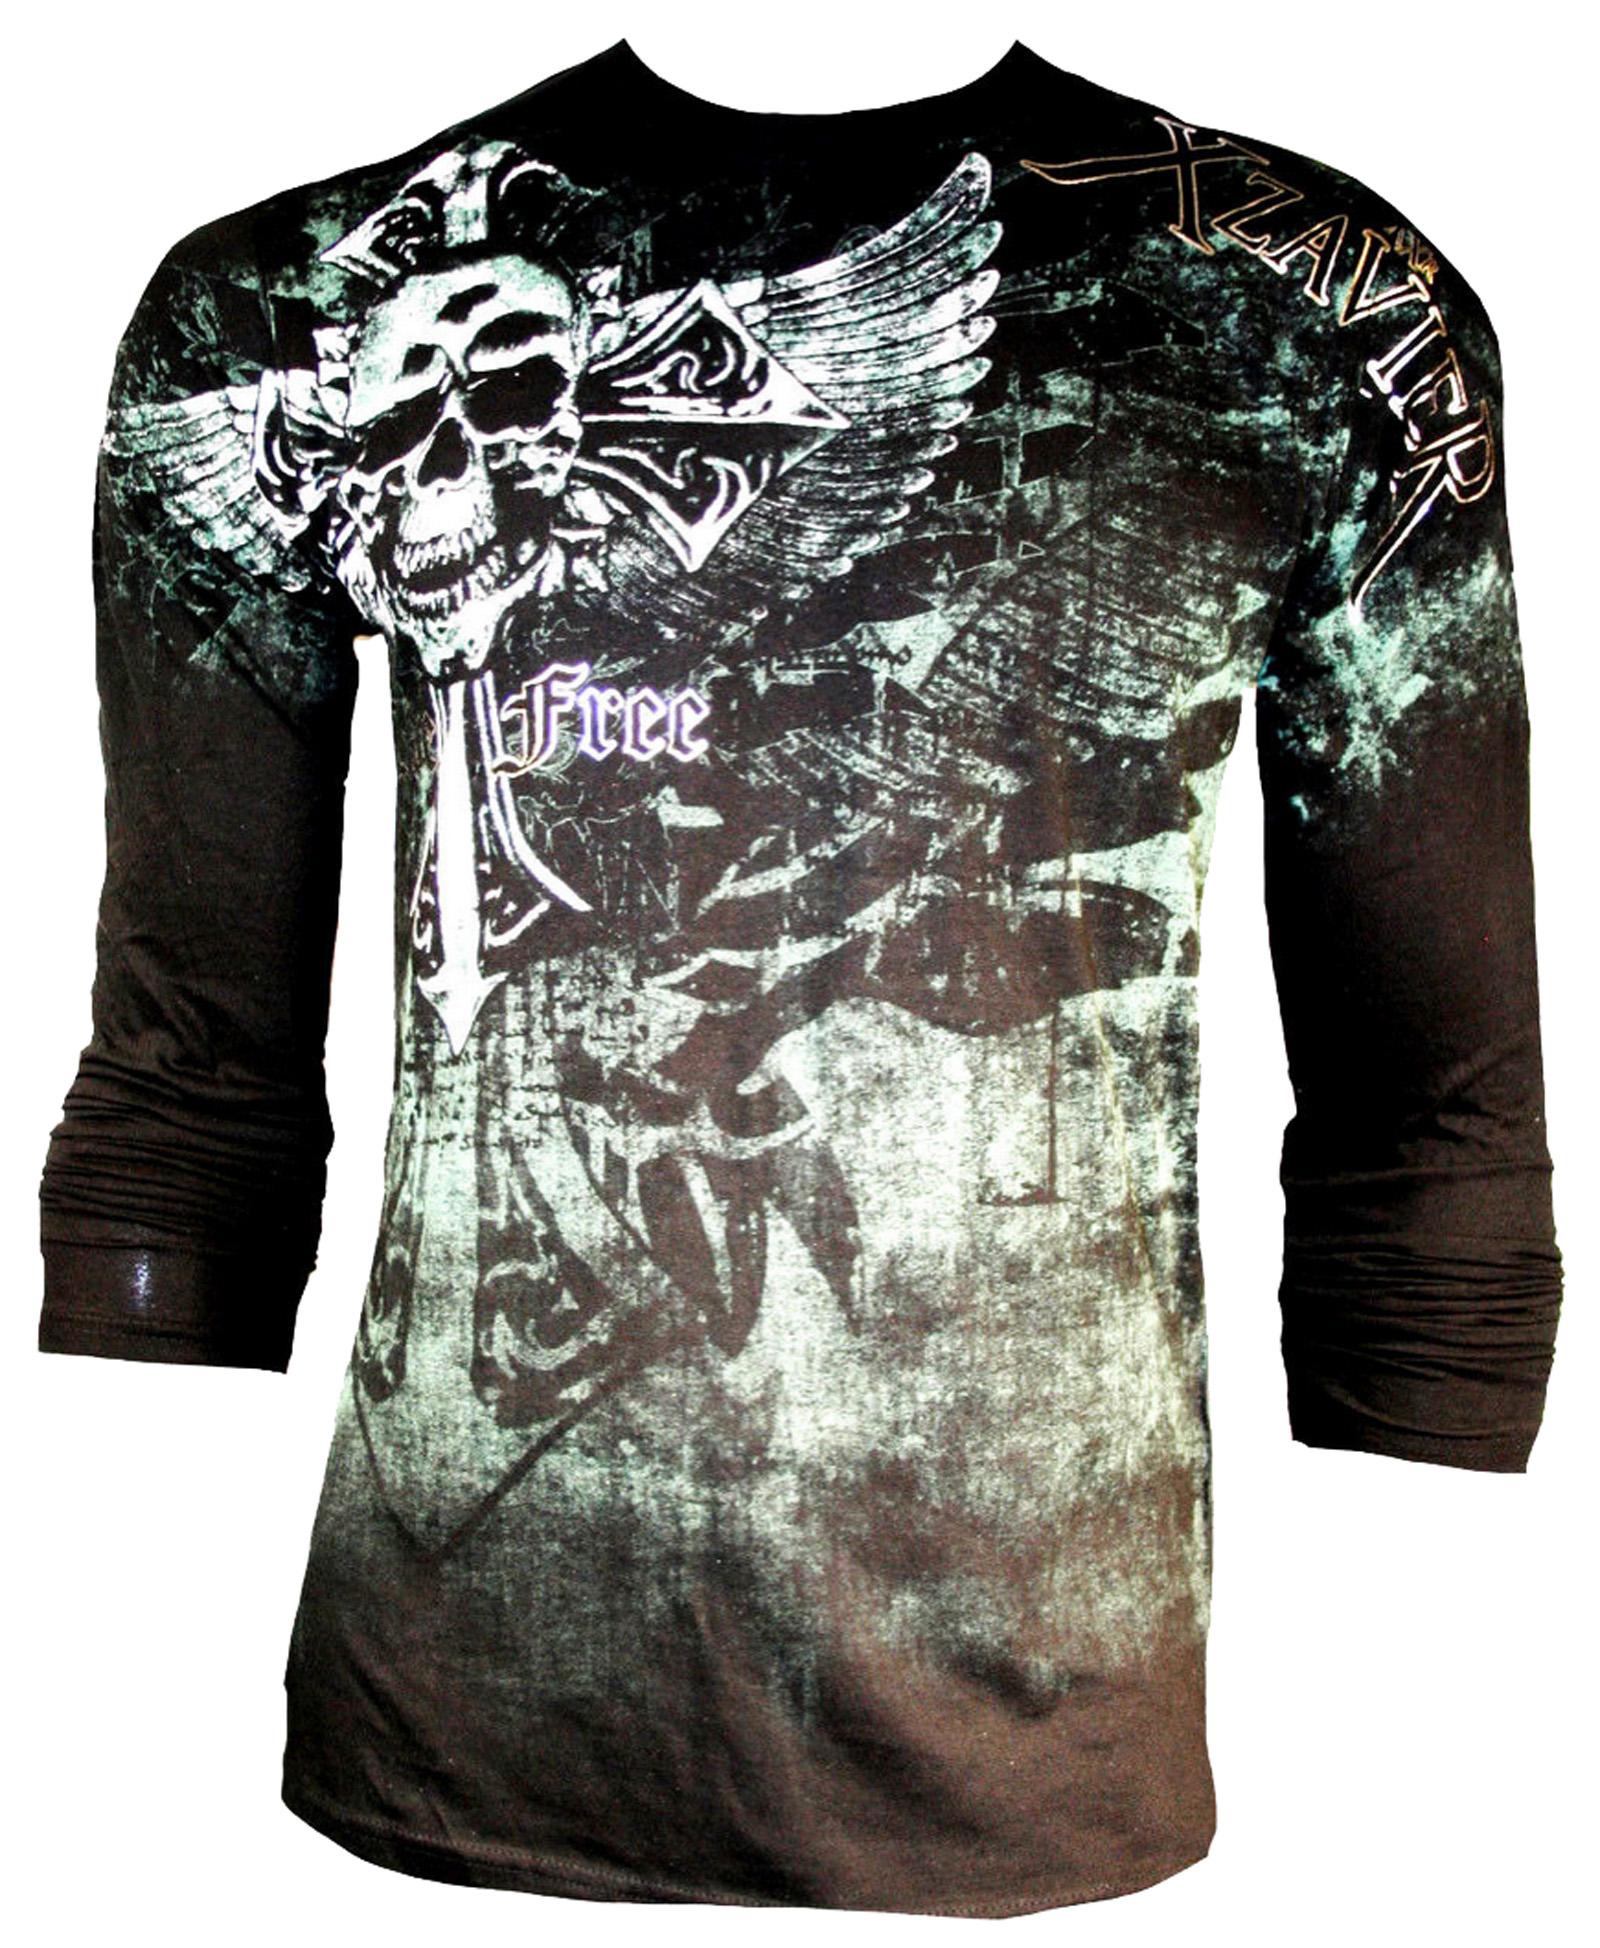 Xzavier t-shirt Motard Harley rocker gothique tribal MMA wings L tradition skulls